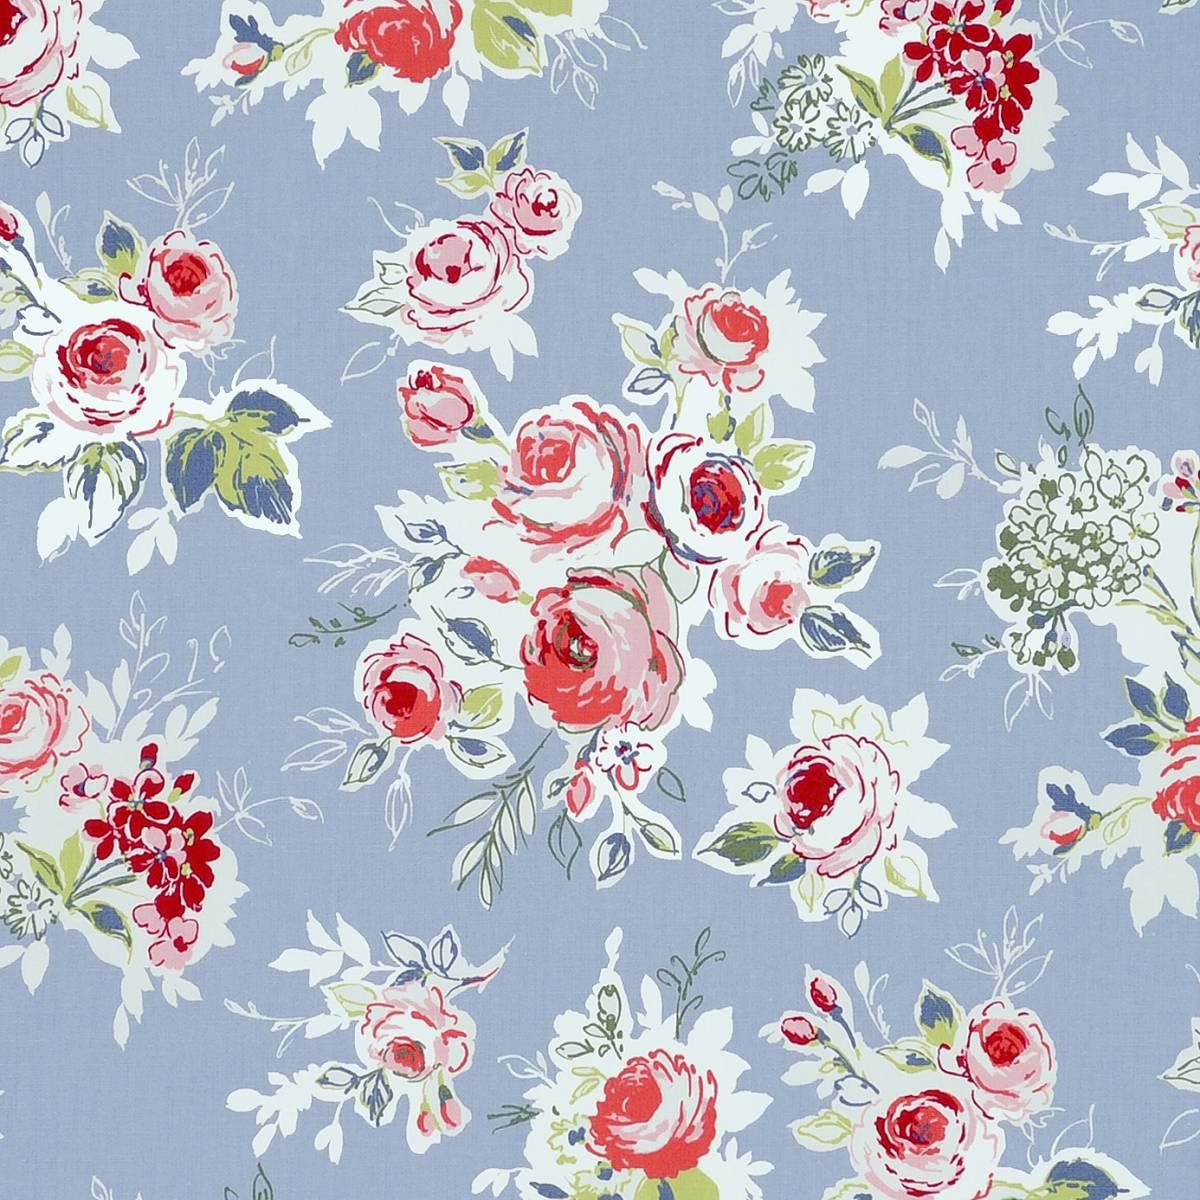 Rose garden fabric chambray f0842 03 studio g garden for Garden party fabric by blackbird designs